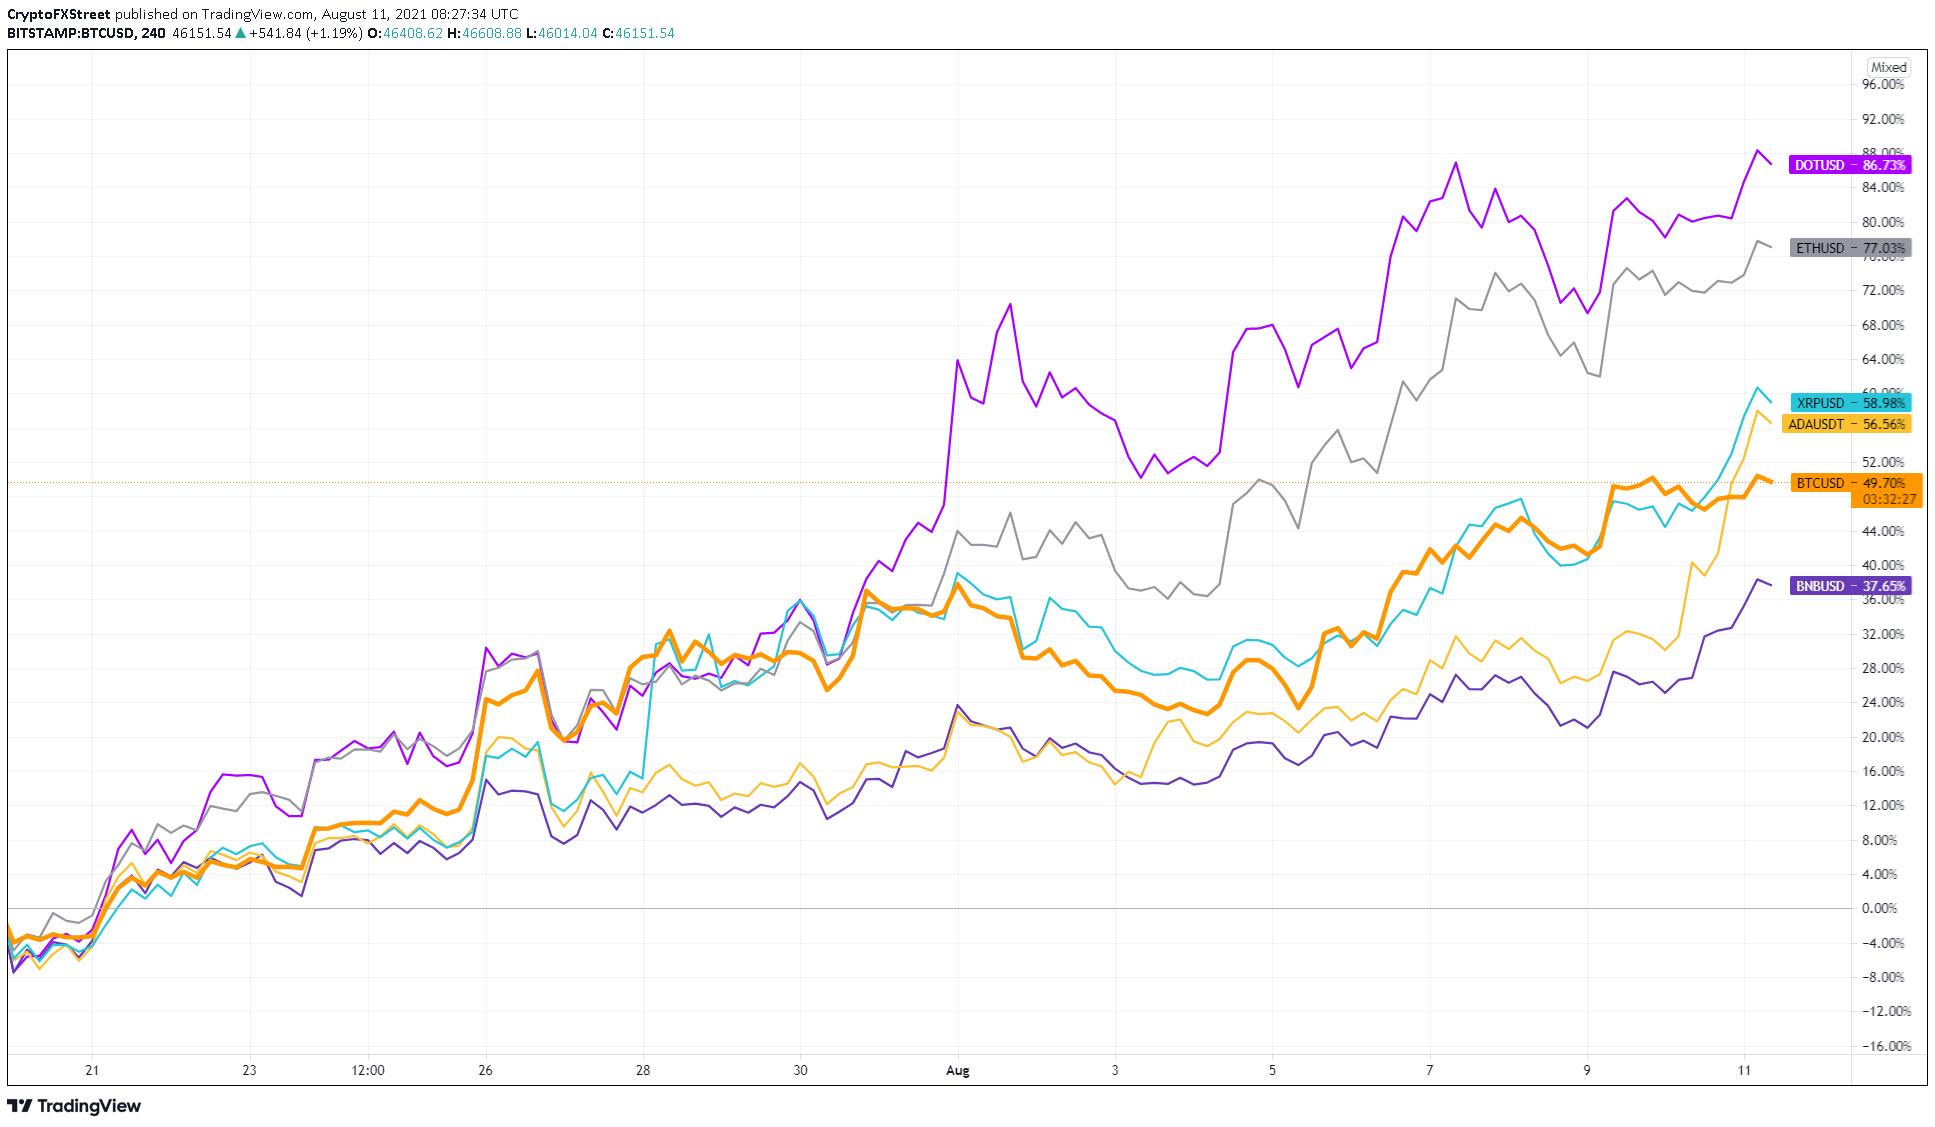 Graphique de performance BTC contre altcoins